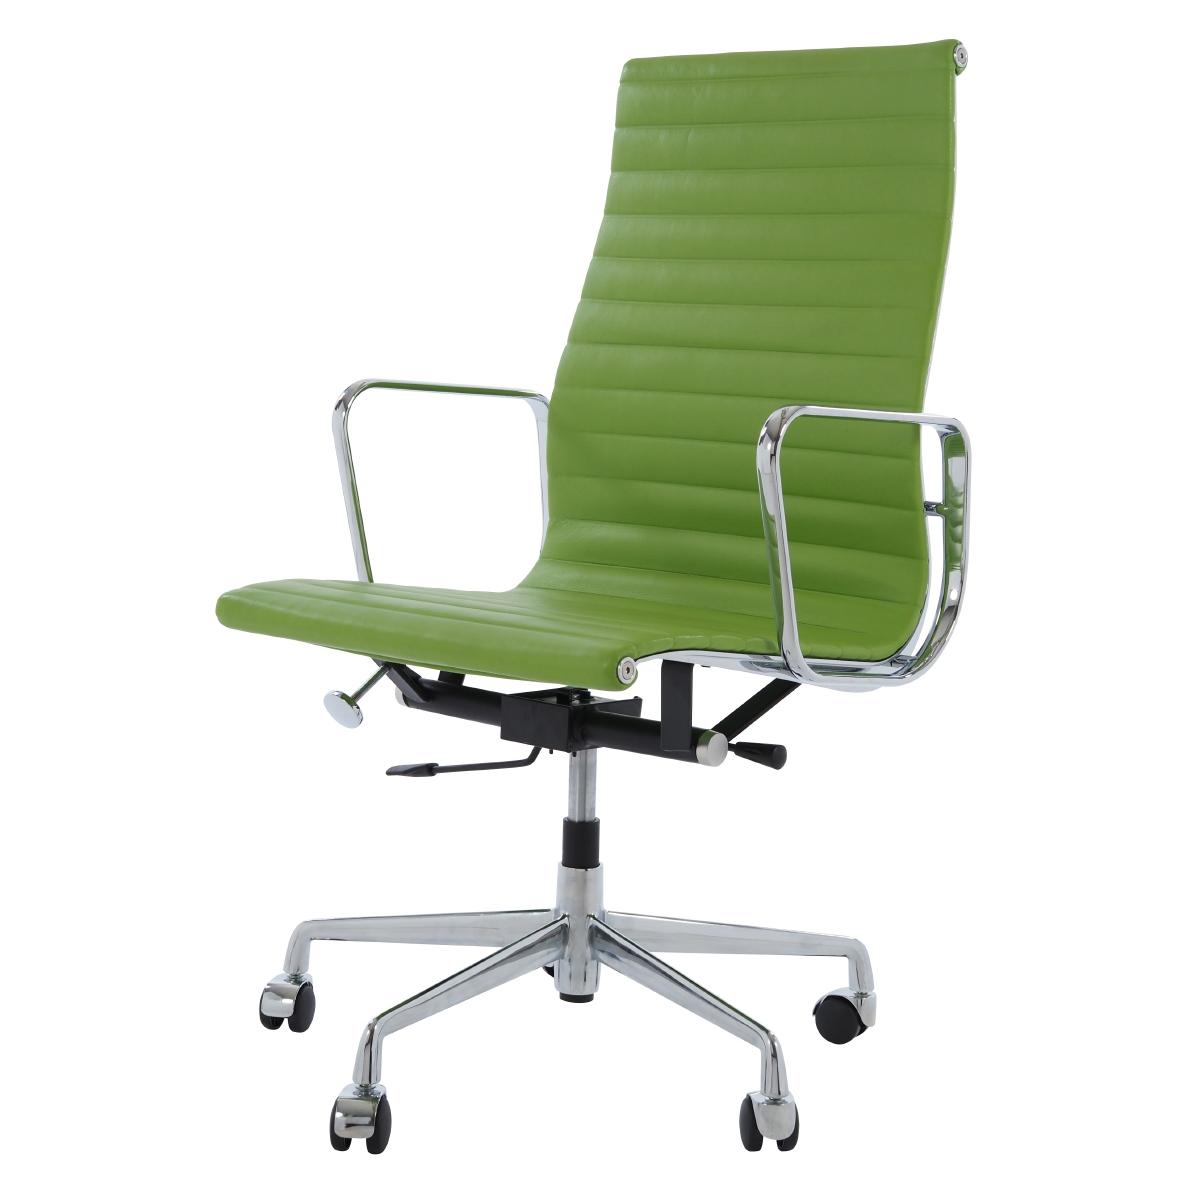 krzesło biurowe EA119 zielony